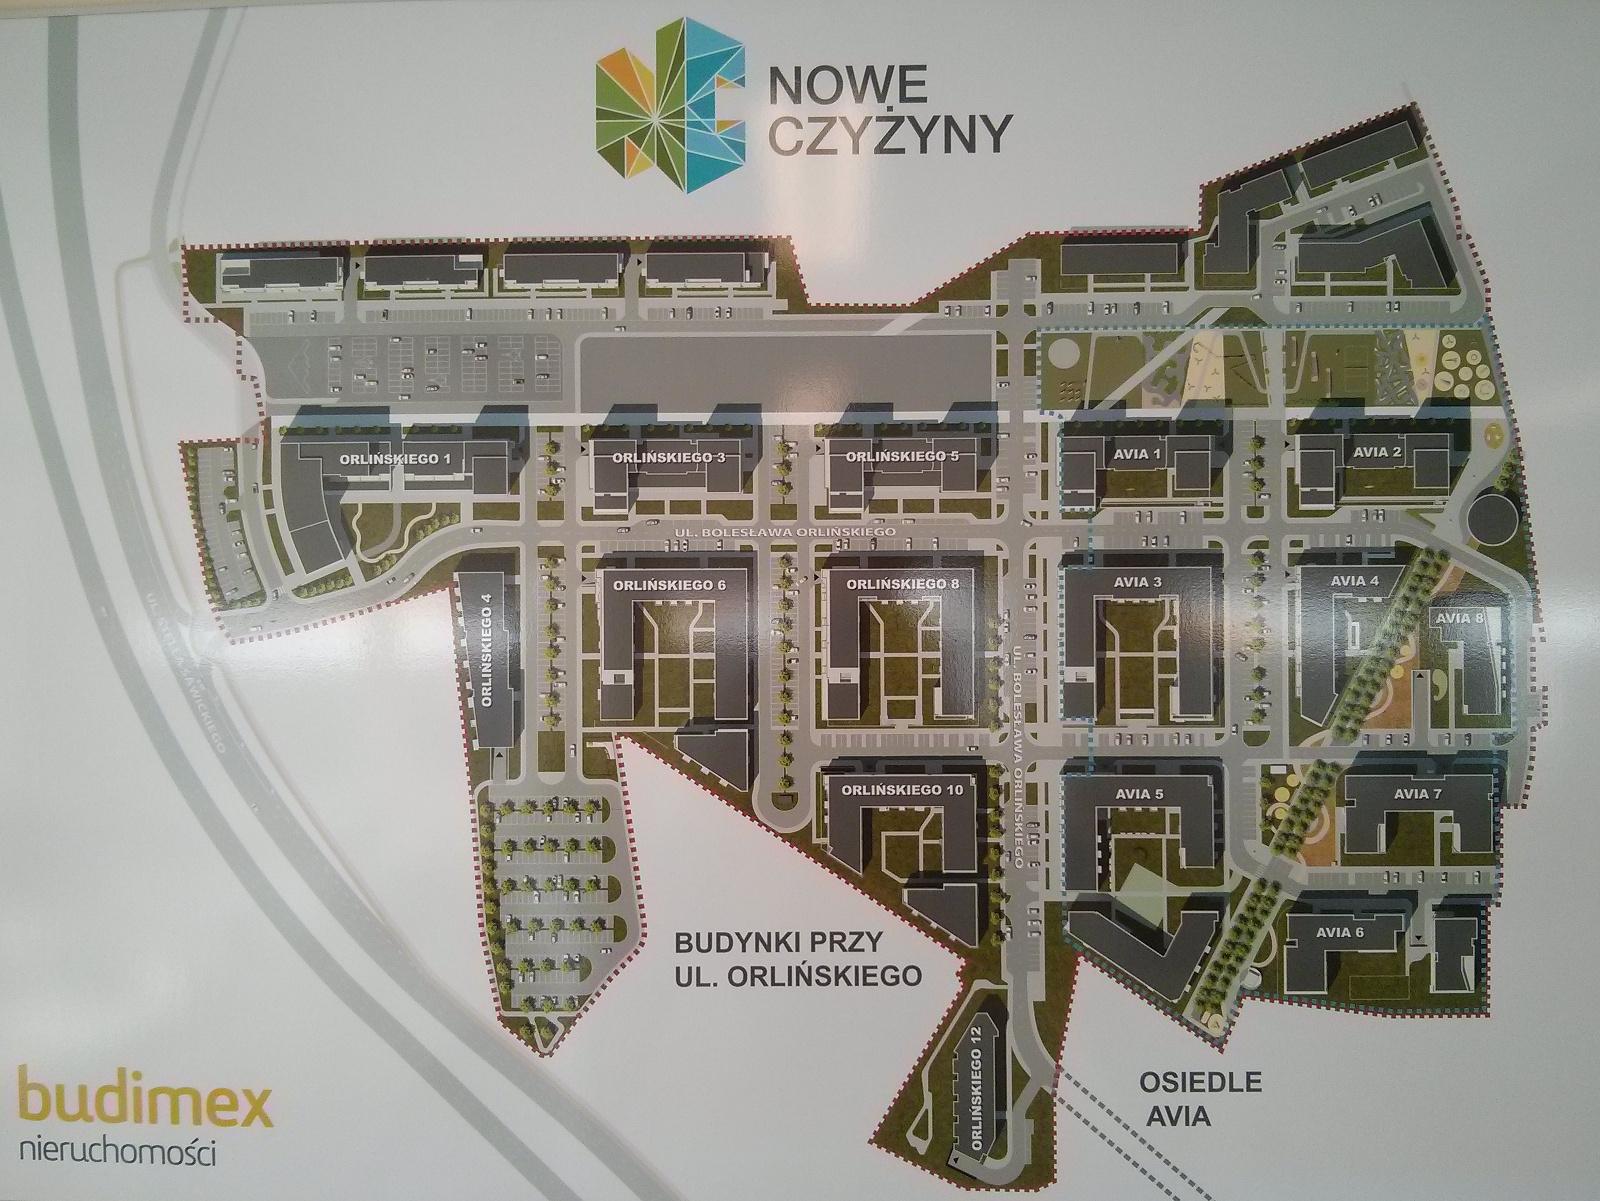 Budimex pokazał mapę osiedla nowe Czyżyny w Krakowie